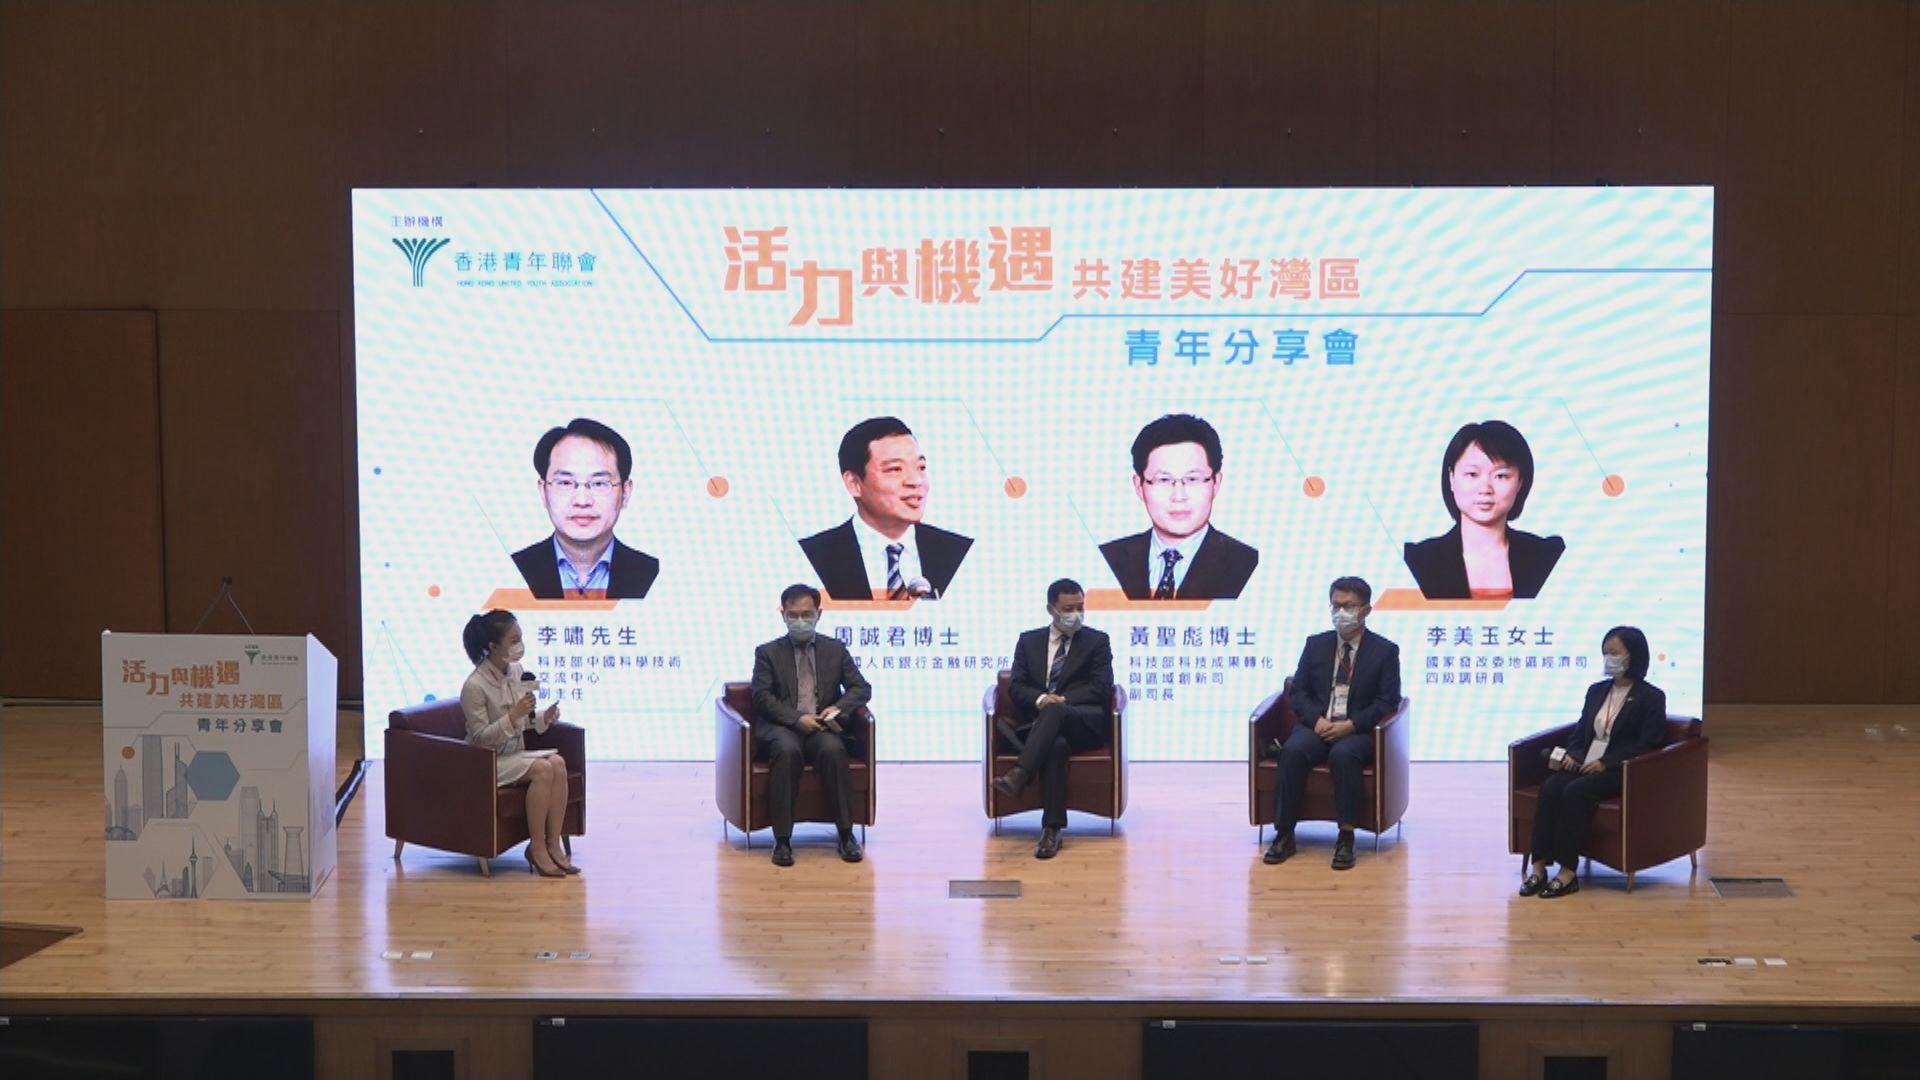 黃柳權:將推更多措施方便香港青年大灣區發展